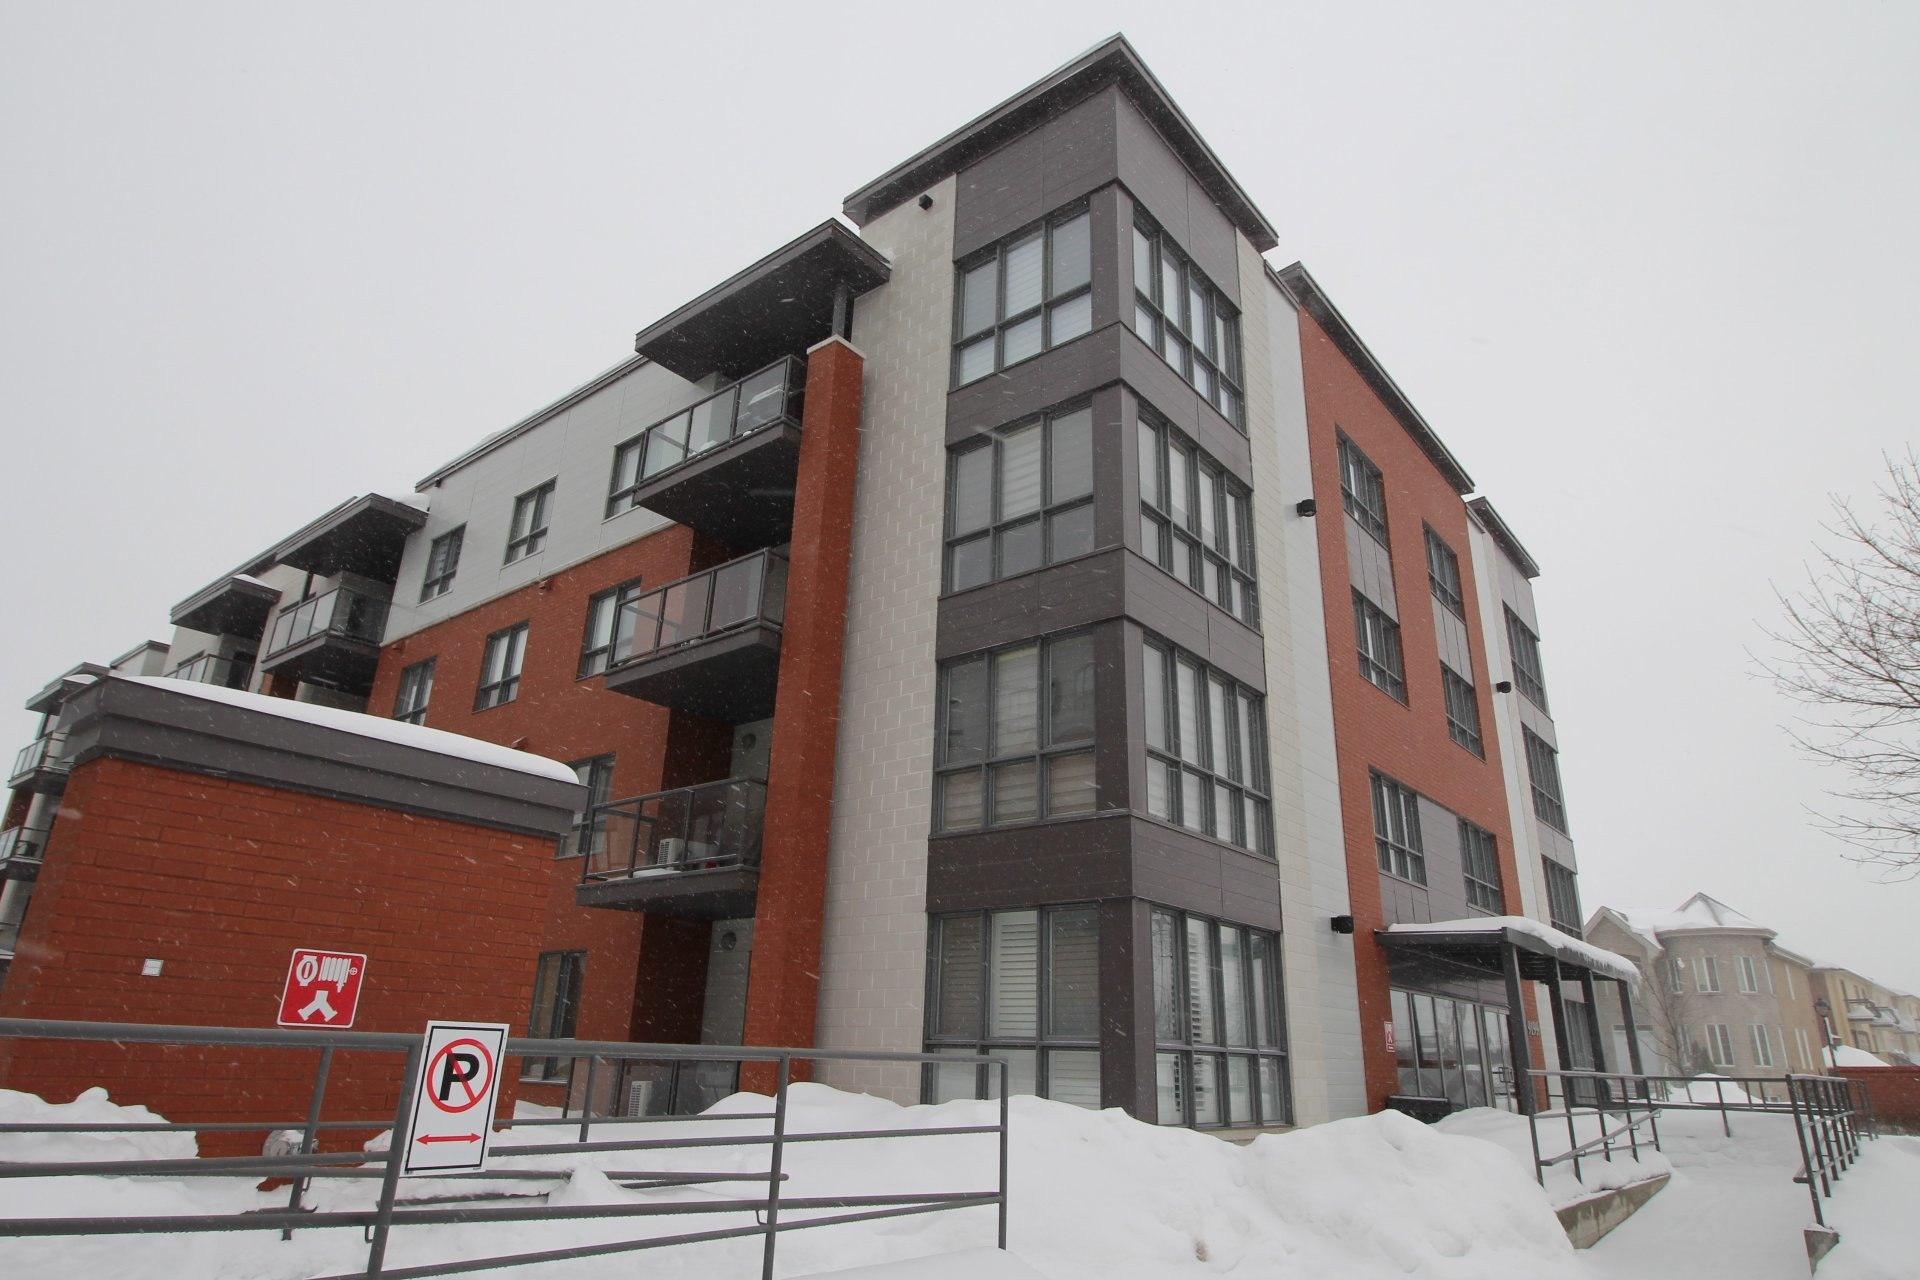 image 24 - Apartment For rent Rivière-des-Prairies/Pointe-aux-Trembles Montréal  - 6 rooms